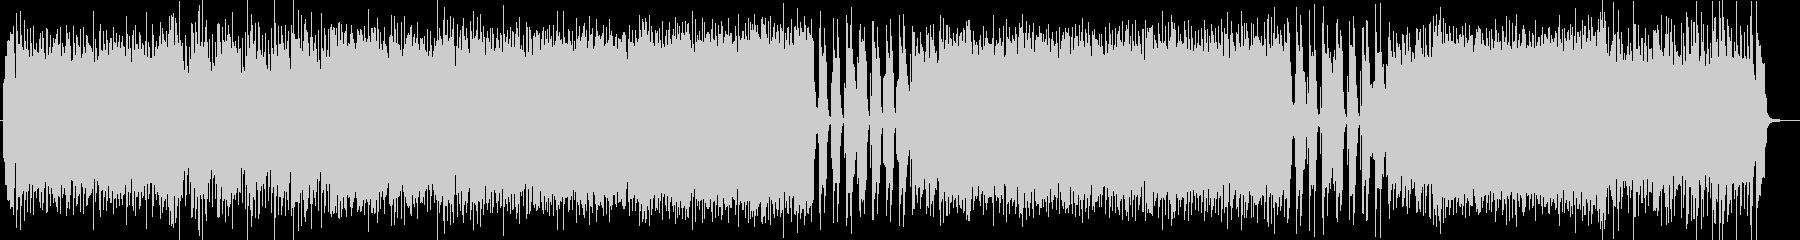 ファンキーなギターサウンドの未再生の波形